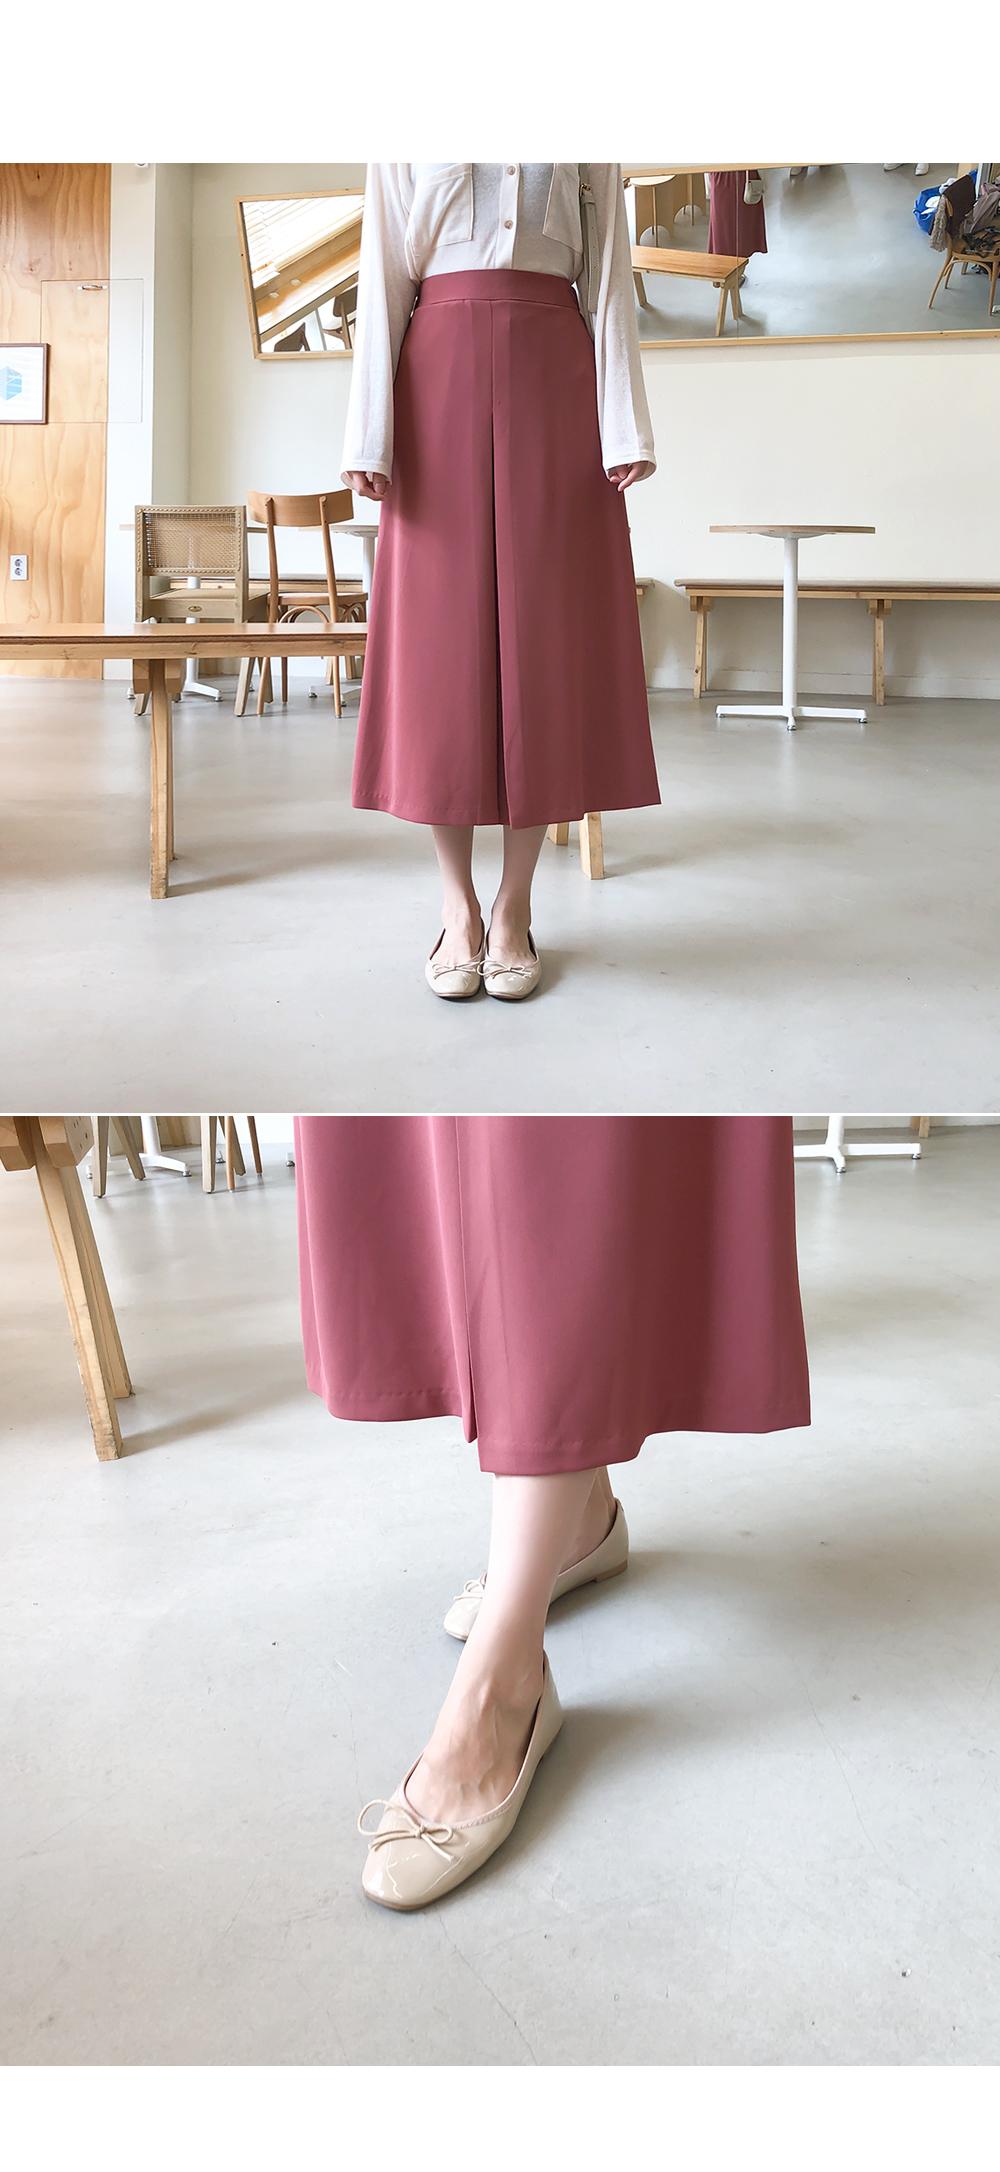 High-grade fleece skirt